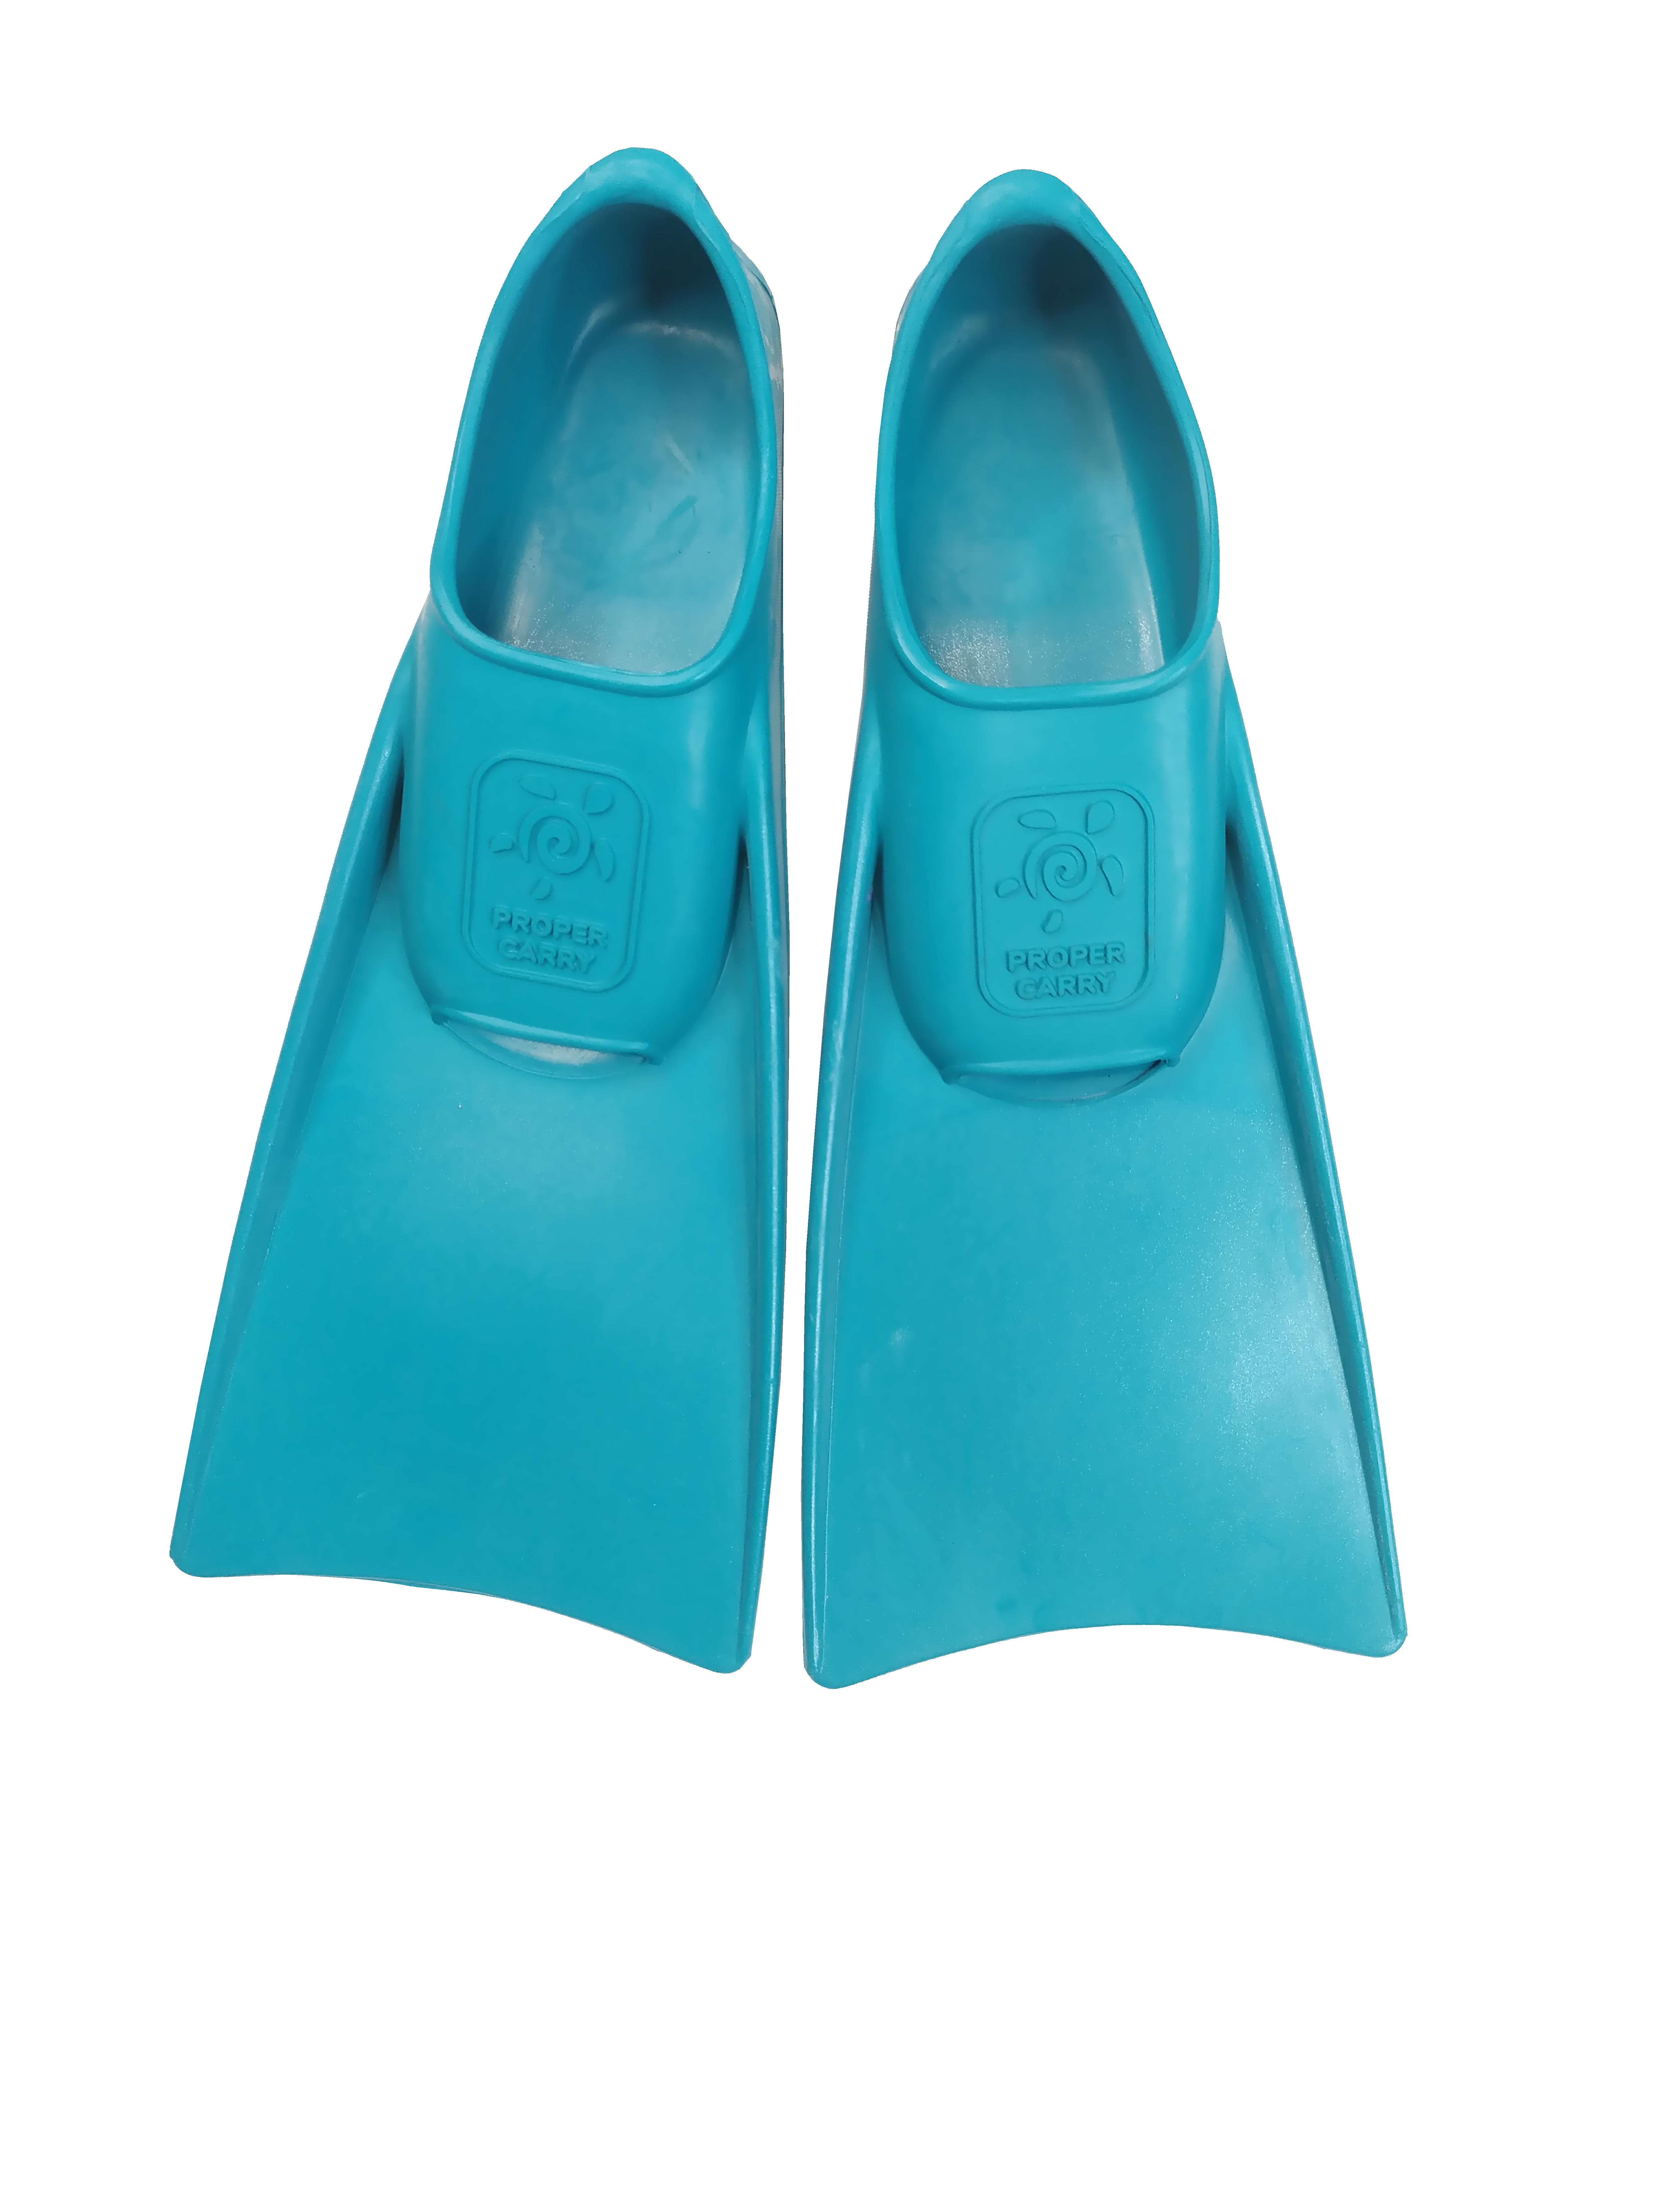 Детские ласты для плавания Proper-Carry Super Elastic размер 21-22, 23-24, 25-26, 27-28, 29-30, - фото 2